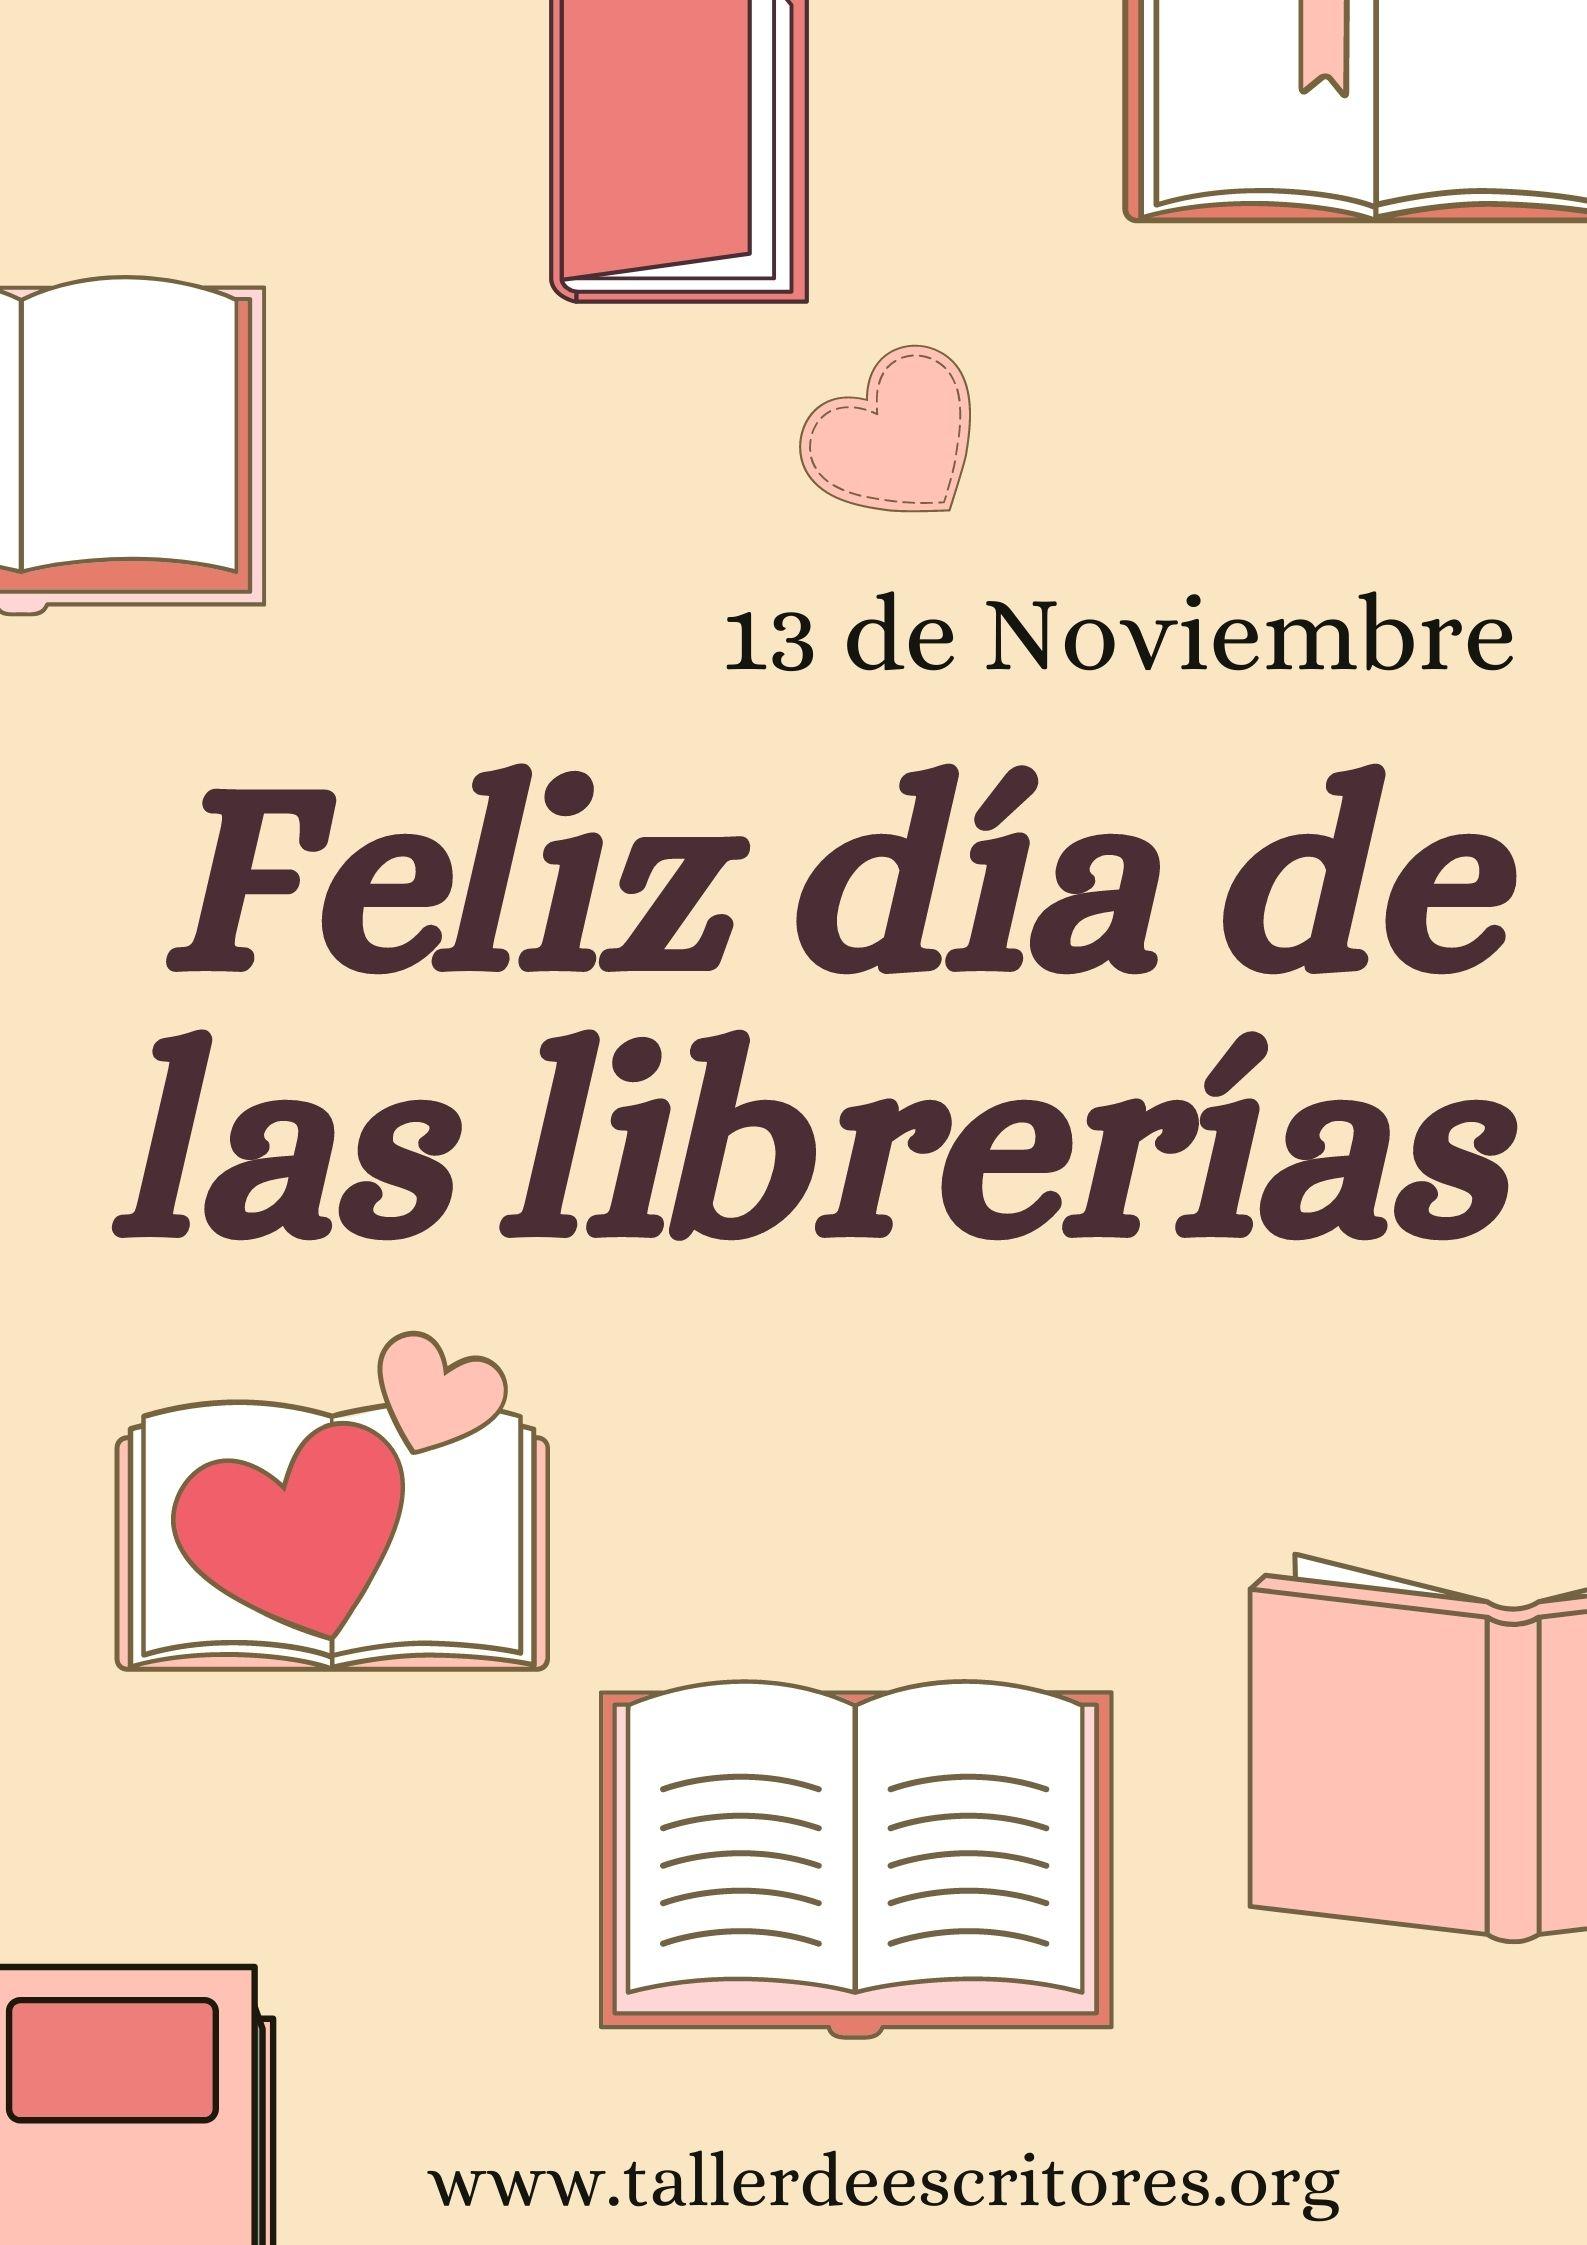 Conmemorar el día de las librerías